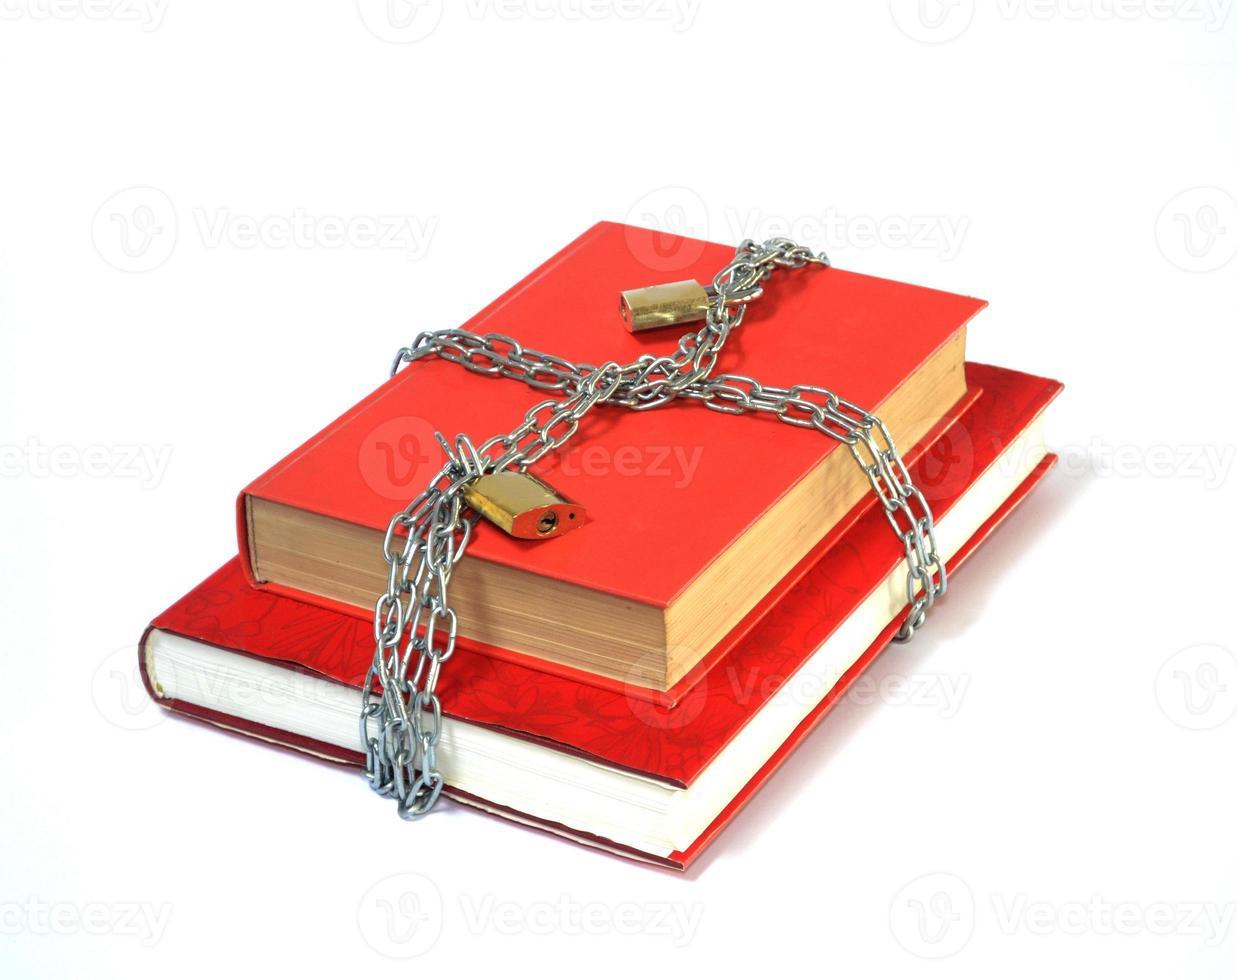 libro rojo encadenado foto